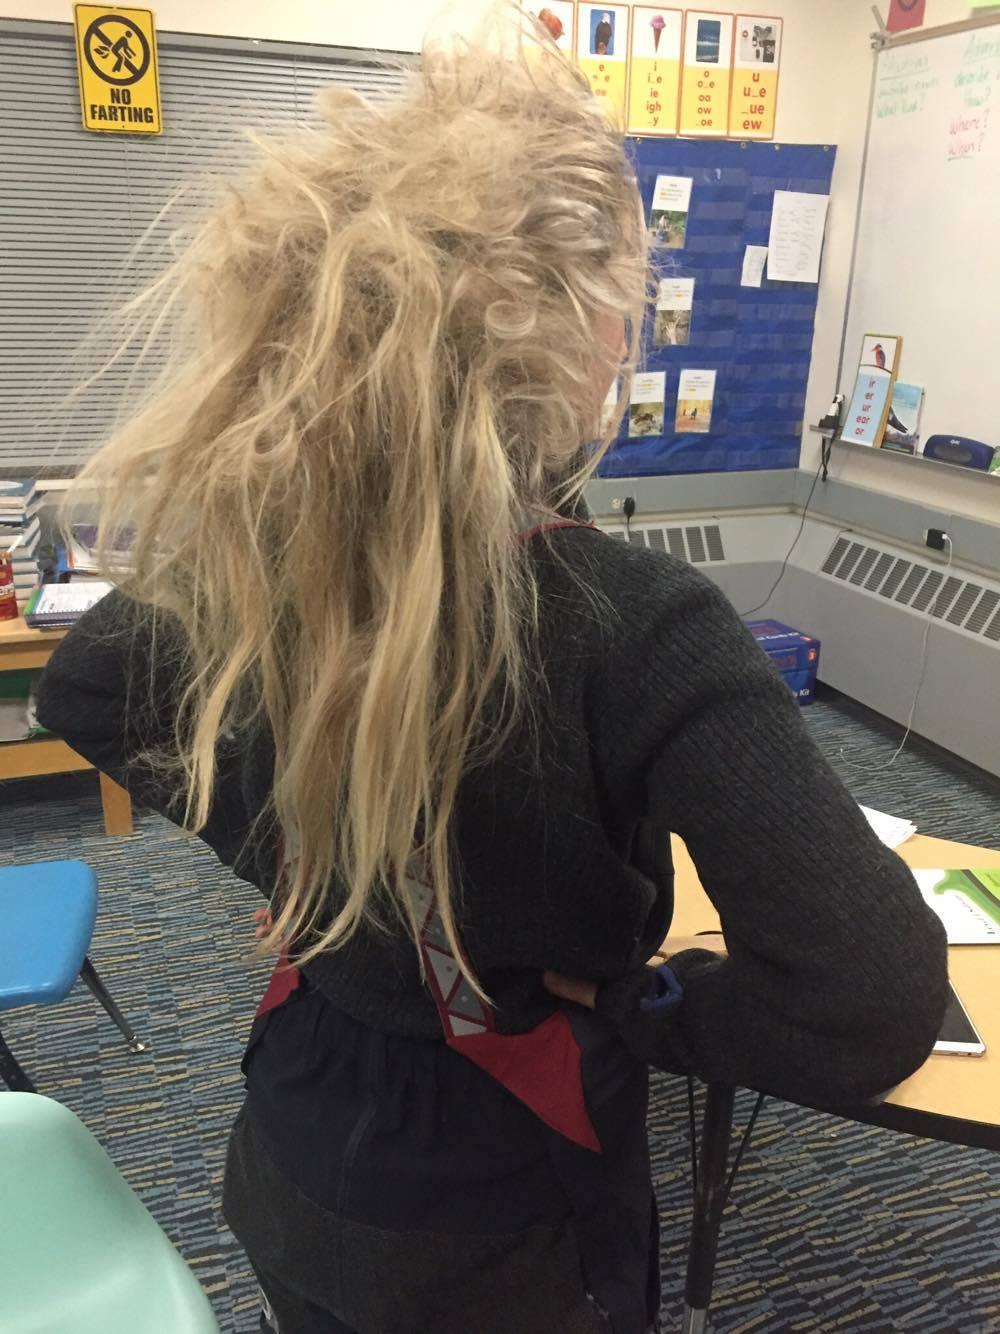 Hadde glidd rett inn på Jamaica med det her håret... dreads all over. Ser ut som jeg har fått meg en skikkelig omgang!